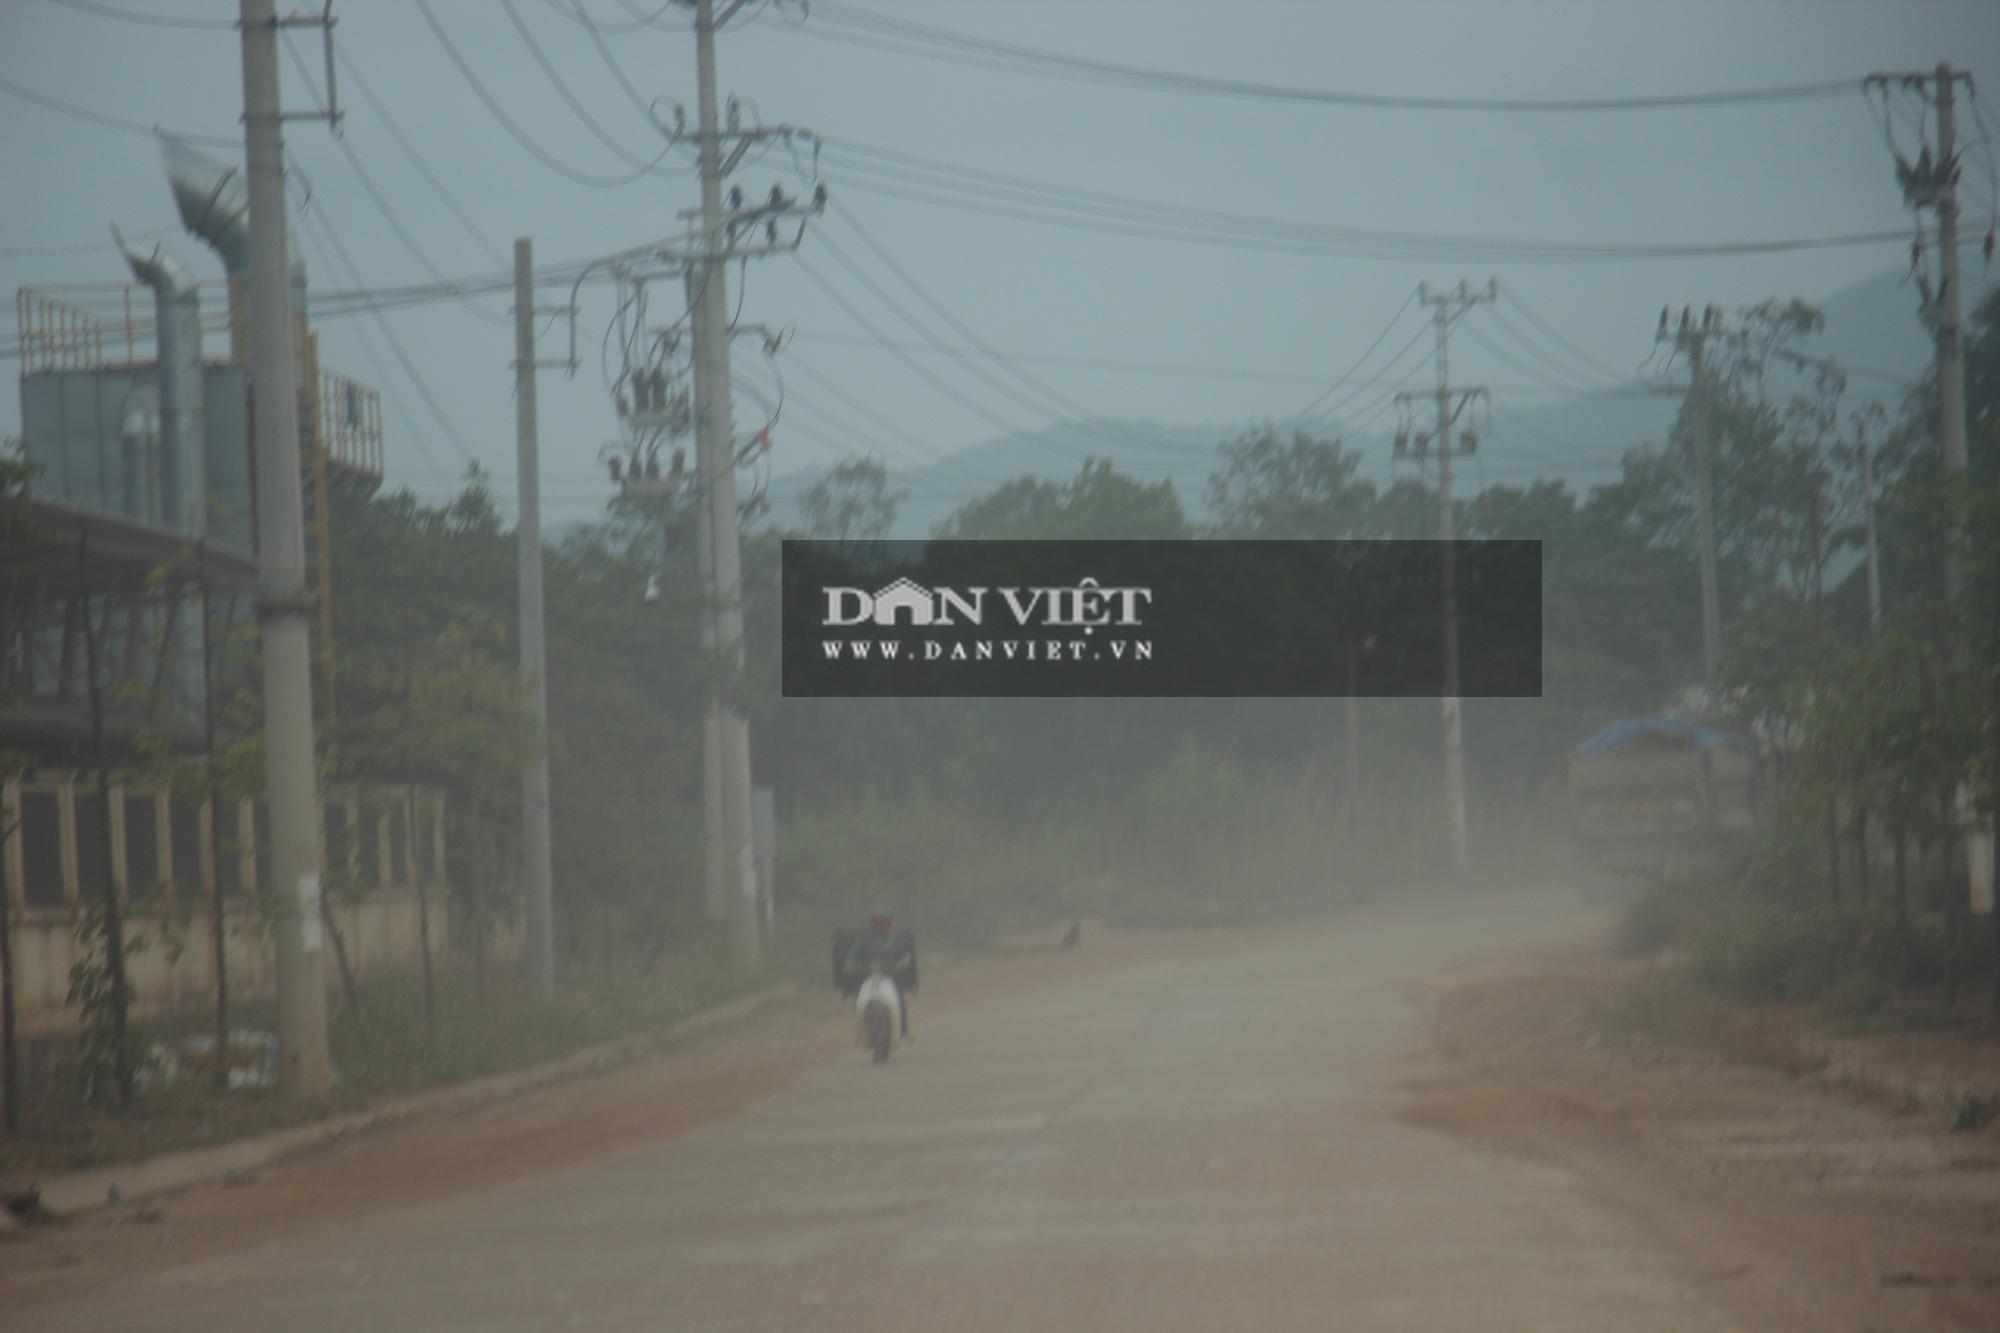 """Bình Định: Đoàn xe hổ vồ """"siêu tải"""" Bá Sanh Đường tung hoành - Ảnh 8."""